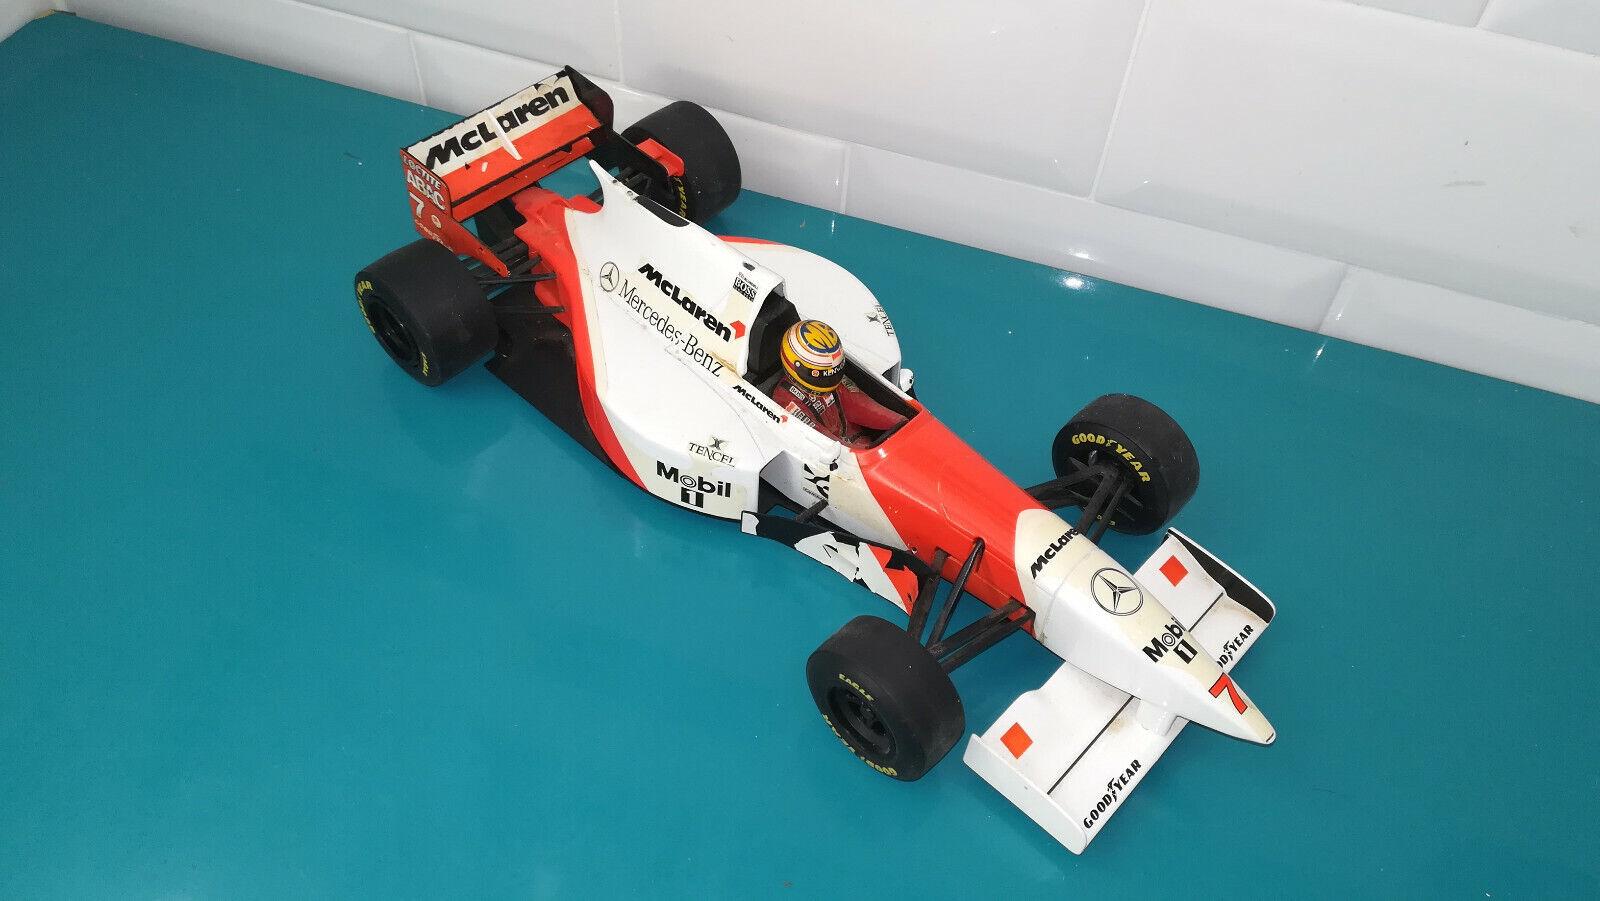 30.09.18.5 Voiture Formule 1 F1 MC LAREN MP 4 10 1995 Minichamps 1 18 Blundell